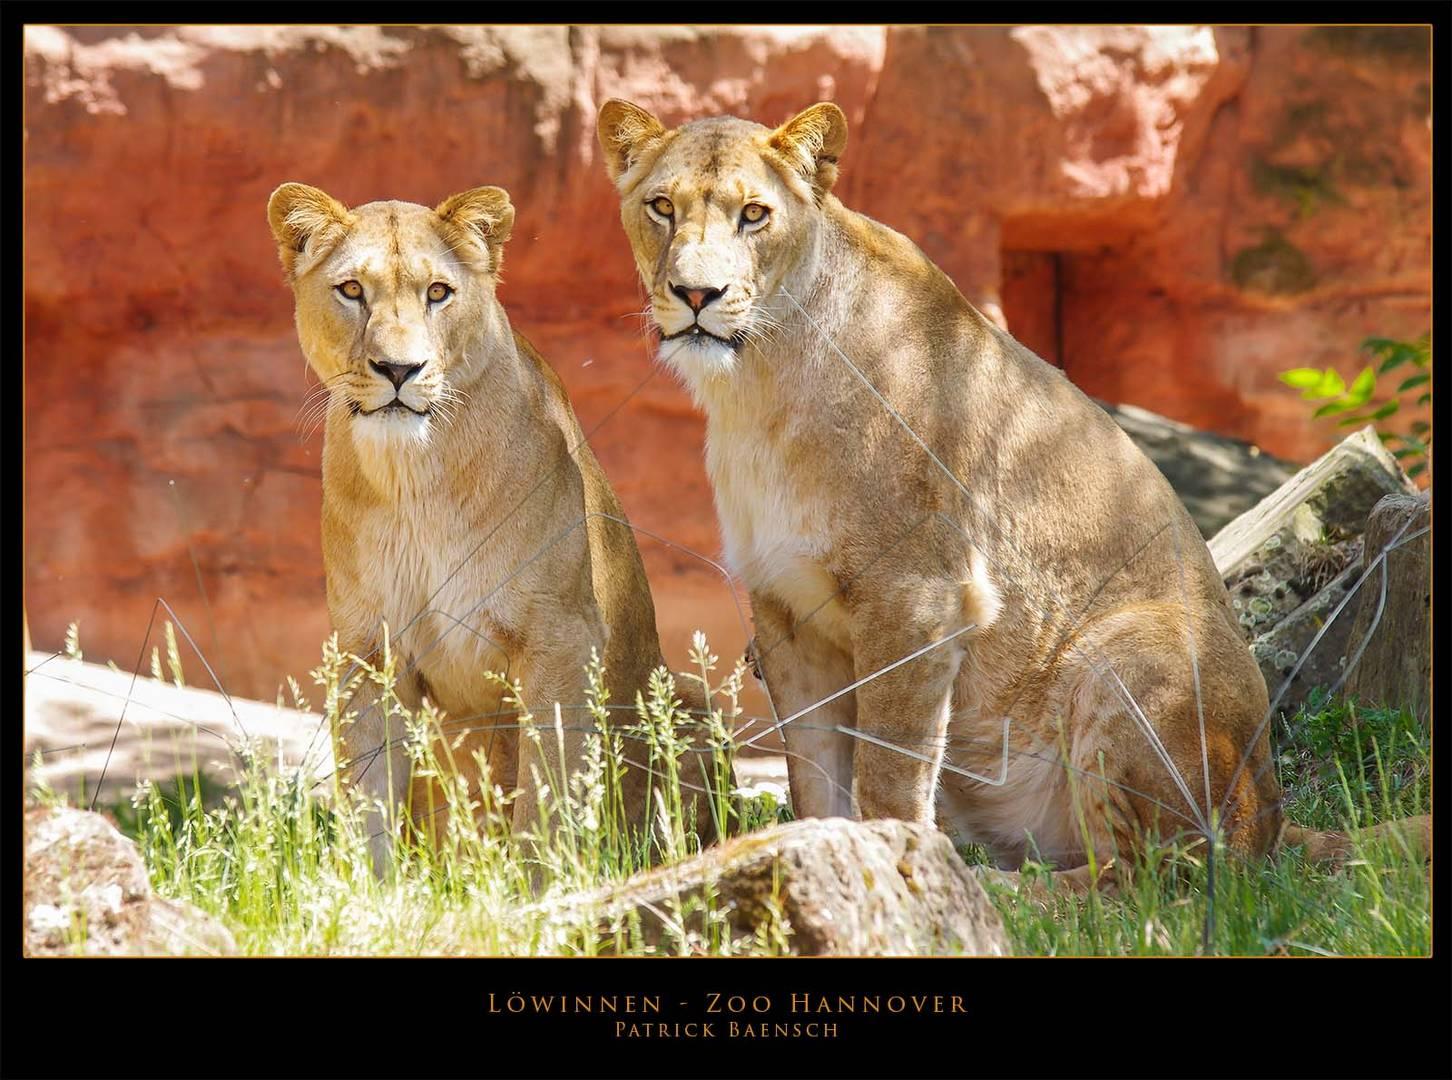 Löwinnen im Zoo Hannover